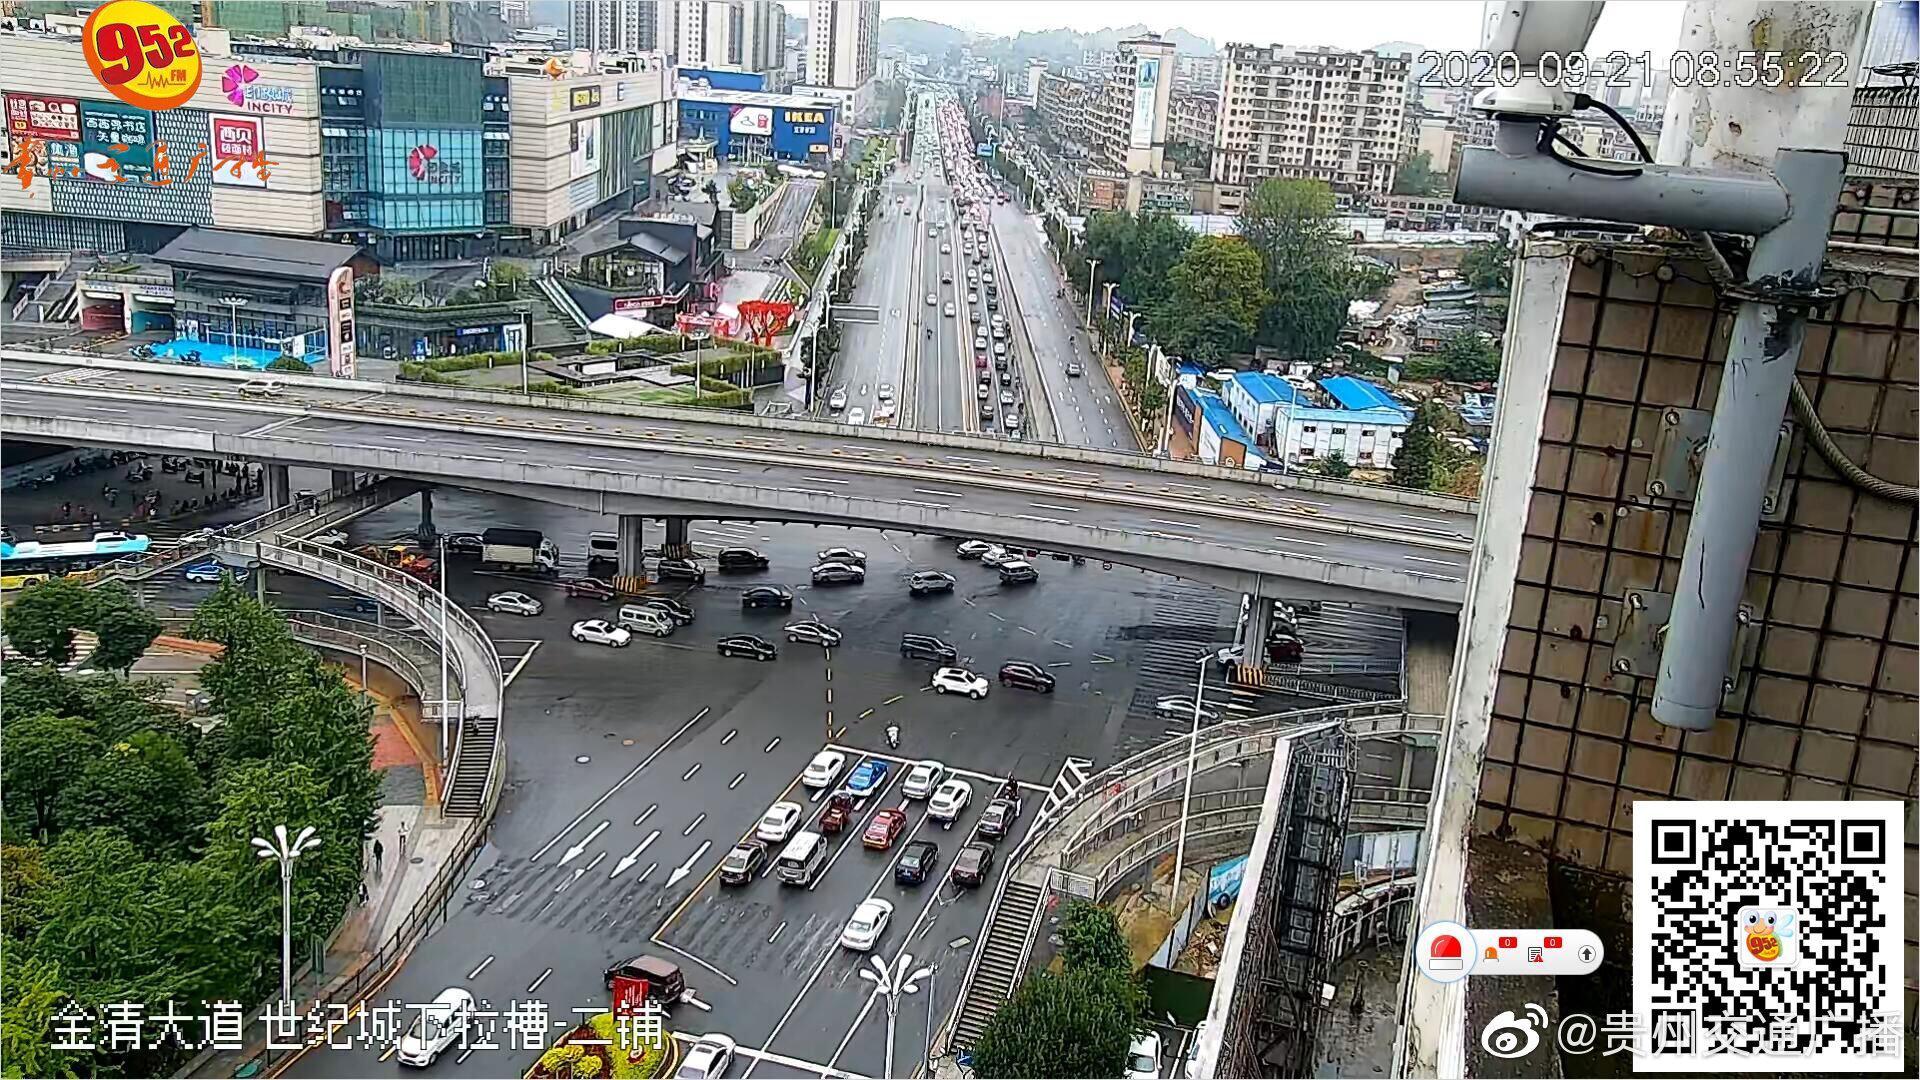 北京西路,世纪城下拉槽往二铺车多缓行严重……